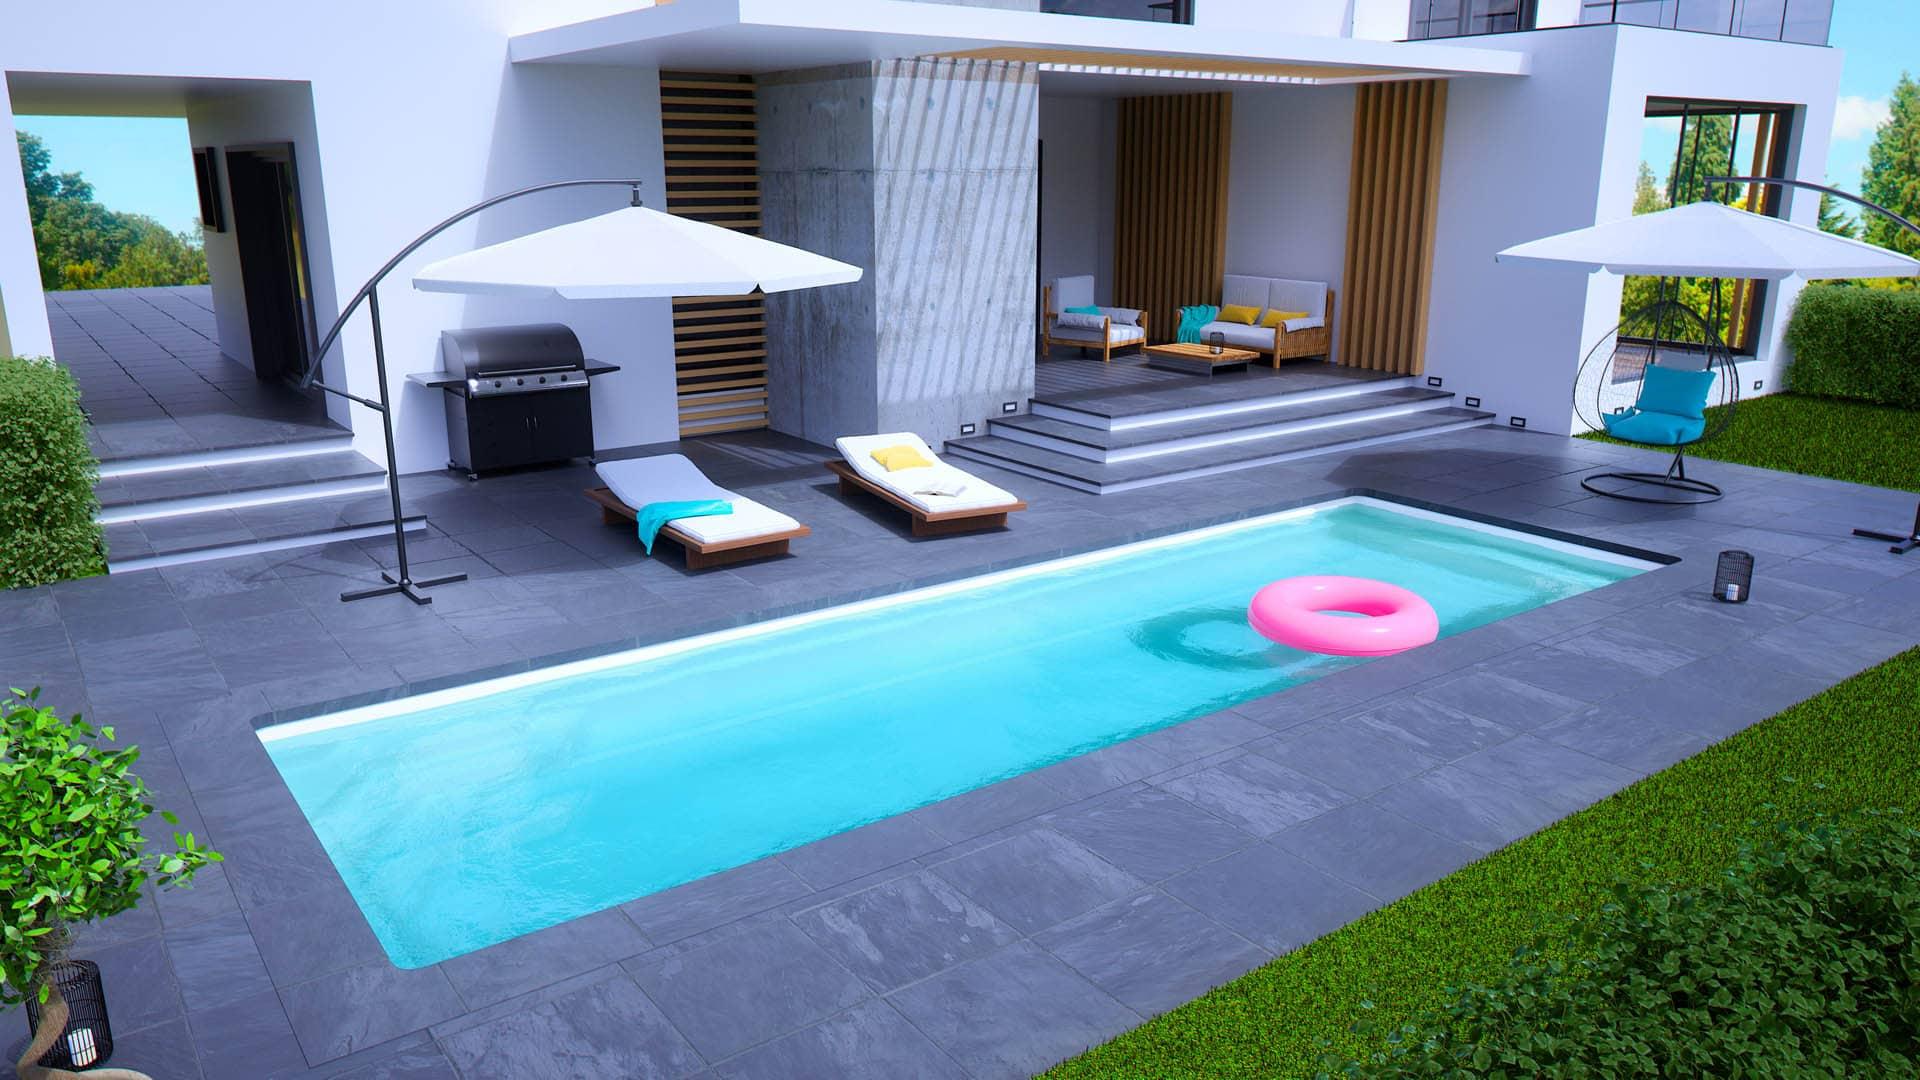 Prix D Un Couloir De Nage couloir de nage coque polyester pour la natation - piscines